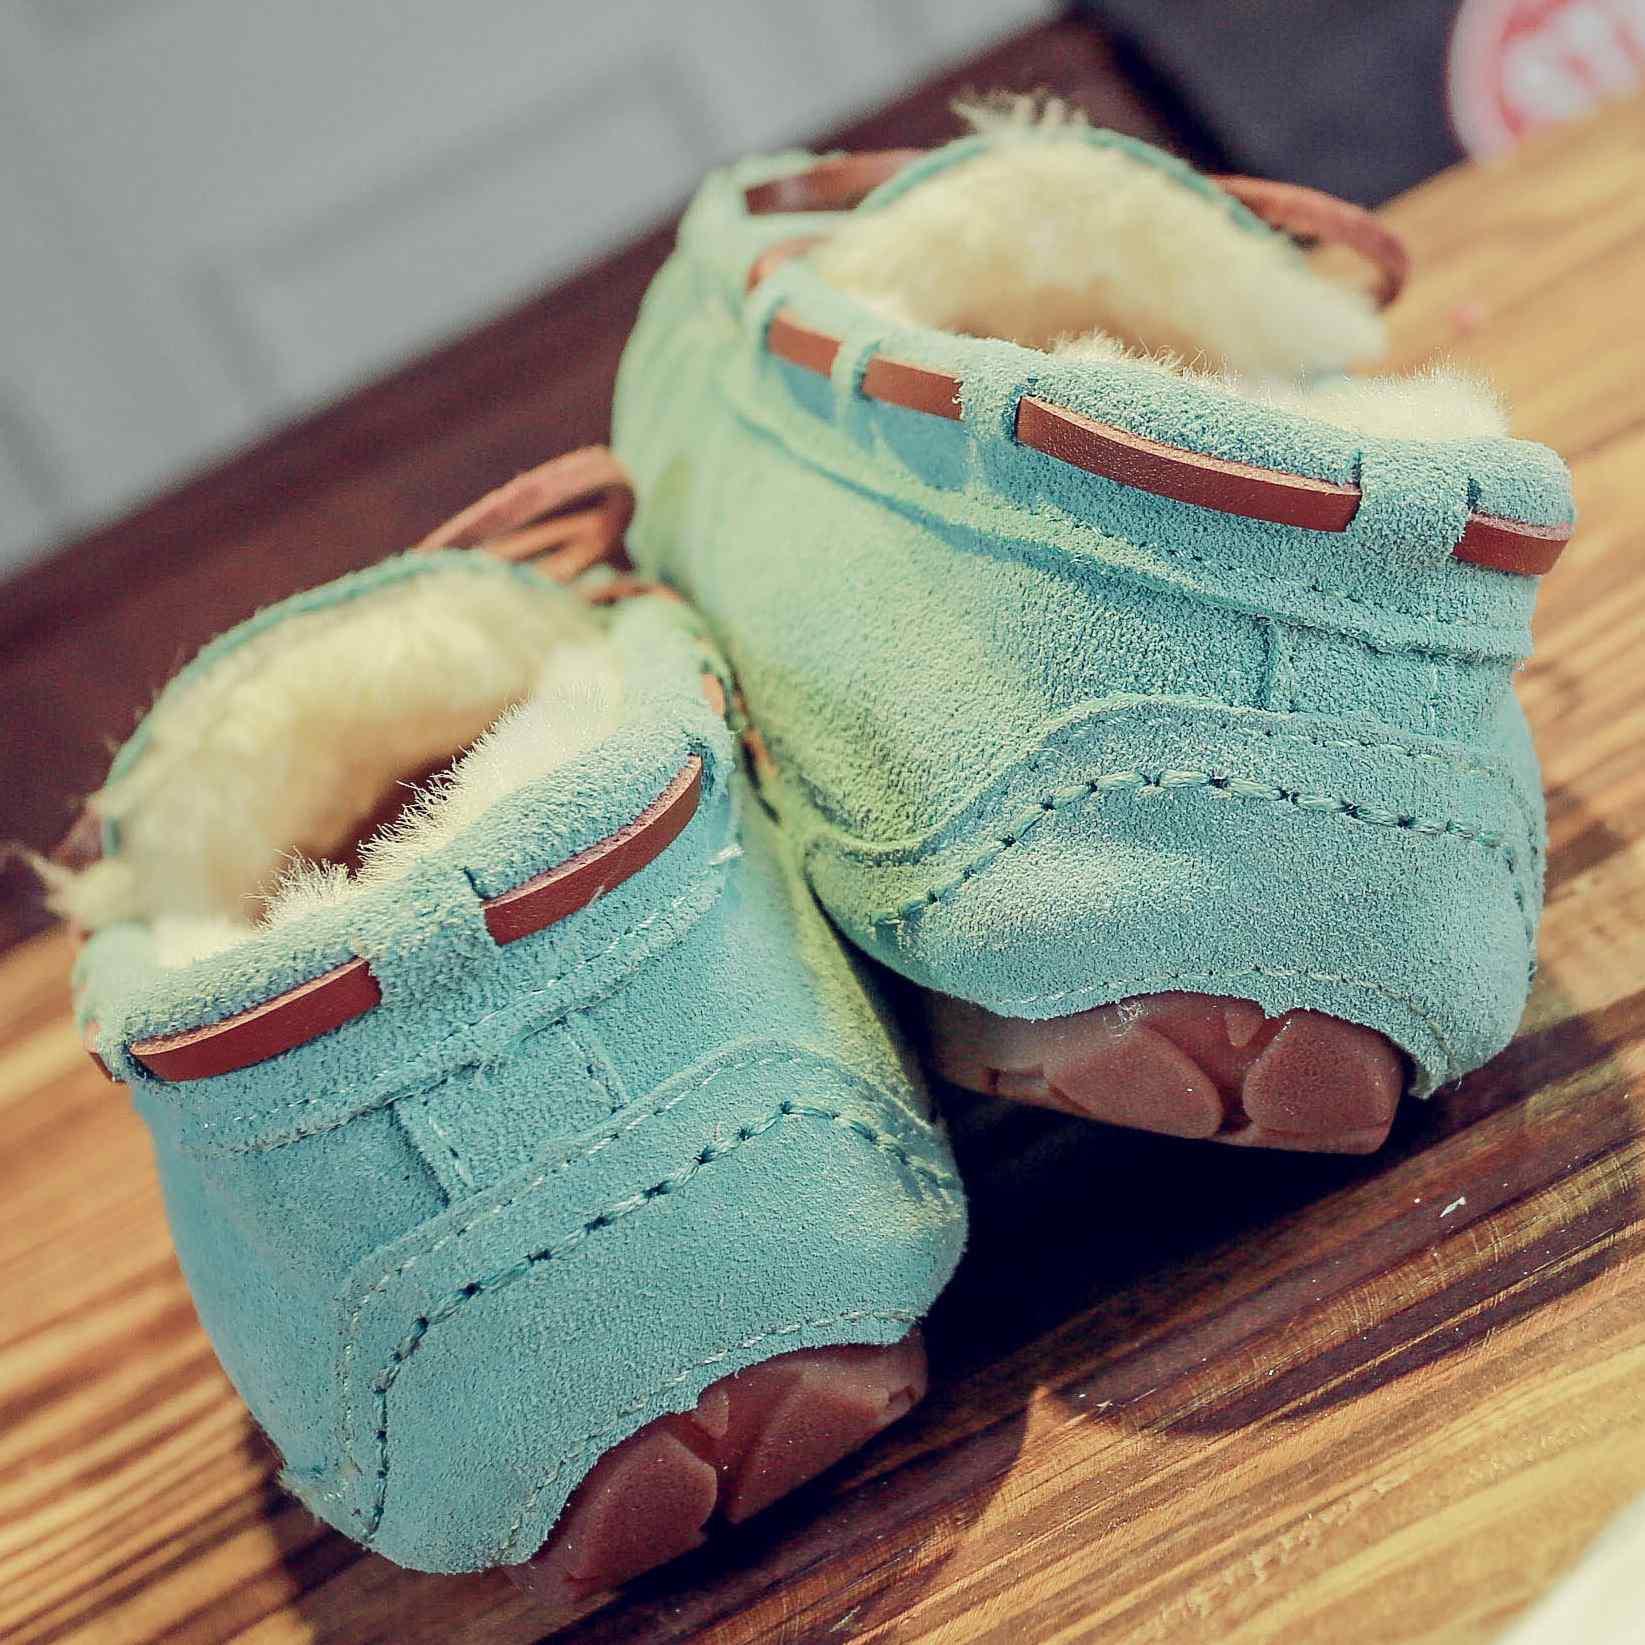 瞌睡豆社会豆豆鞋女真皮原宿保暖毛毛棉鞋加绒冬季雪地靴一脚蹬